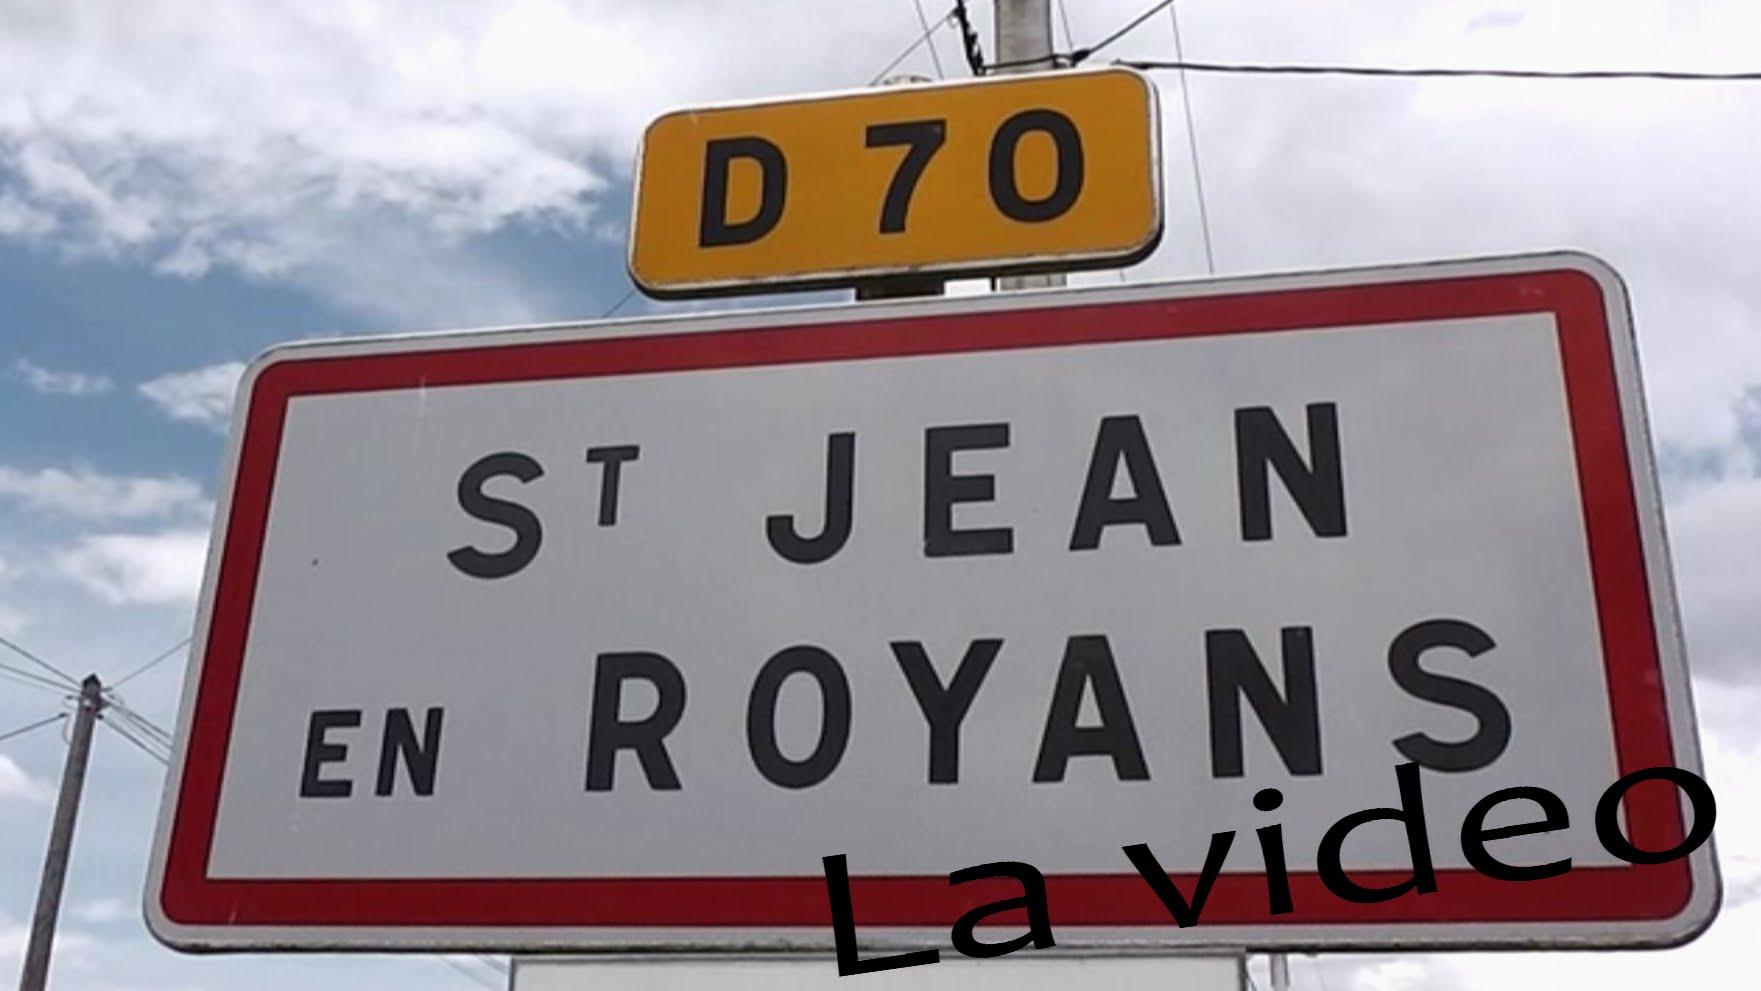 Téléphone   CLINIQUE VETERINAIRE DU ROYANS DR GOUJON SAINT-JEAN-EN-ROYANS 26190